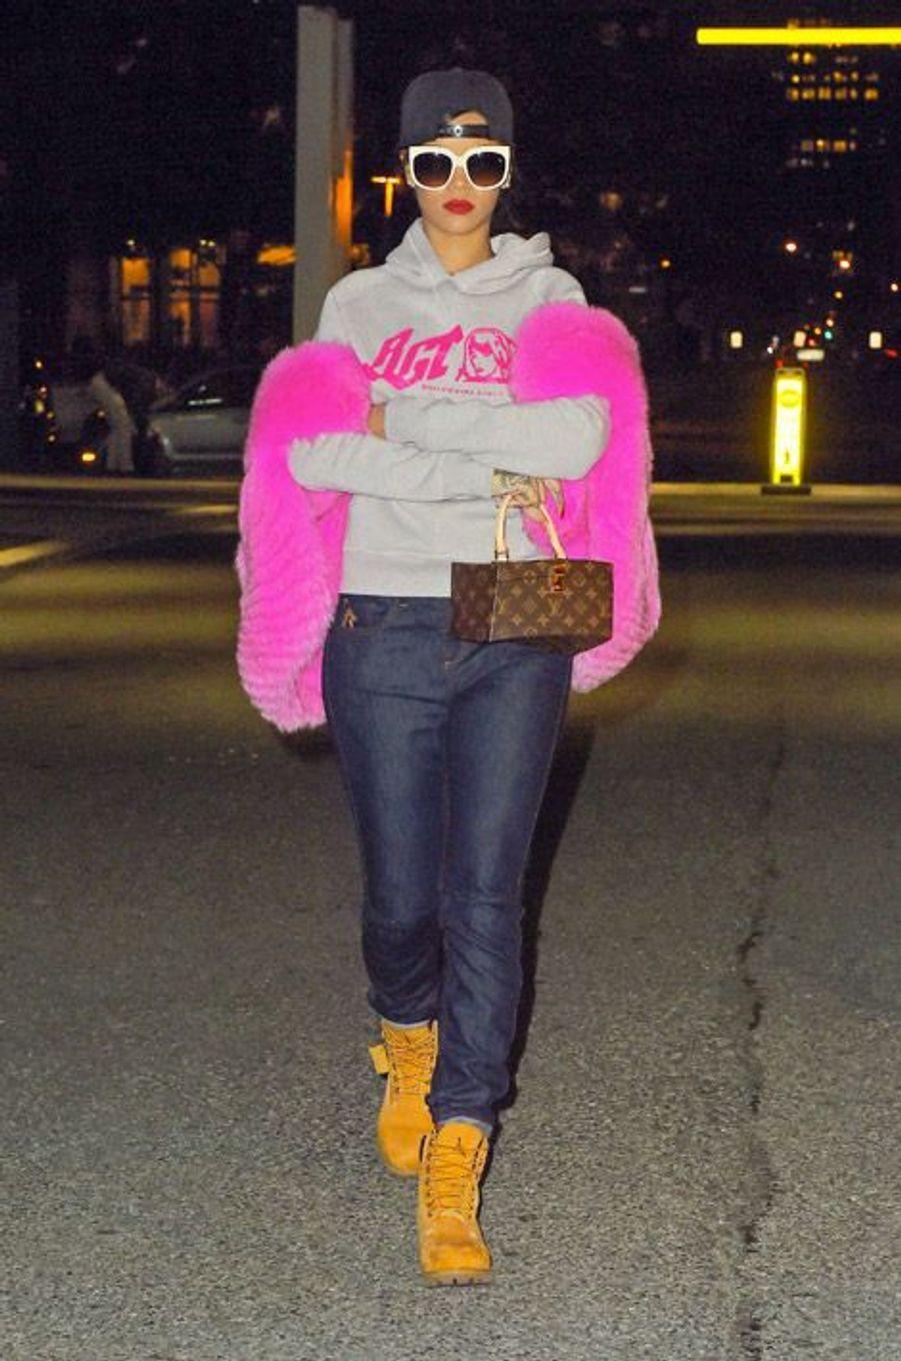 La chanteuse Rihanna dans les rues de New York, le 5 novembre 2014